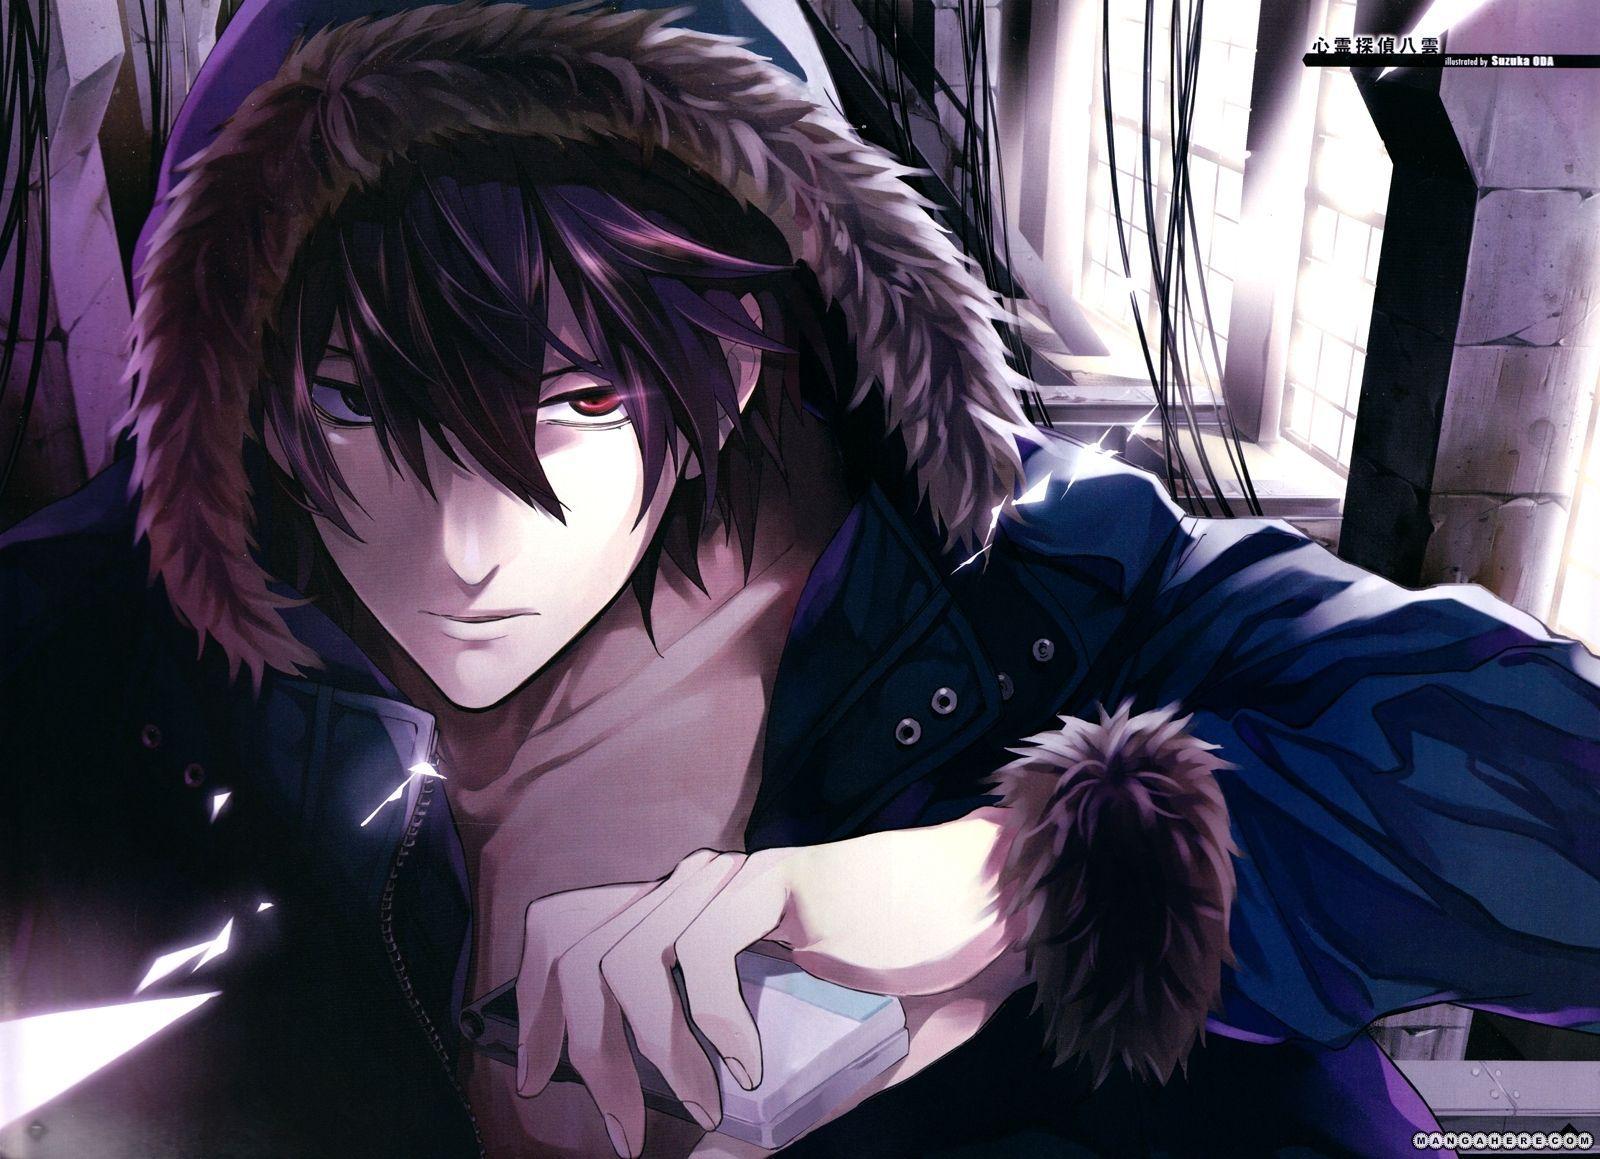 Shinrei Tantei Yakumo 6 Read Shinrei Tantei Yakumo Chapter 6 Online Cool Anime Guys Anime Shinrei Tantei Yakumo